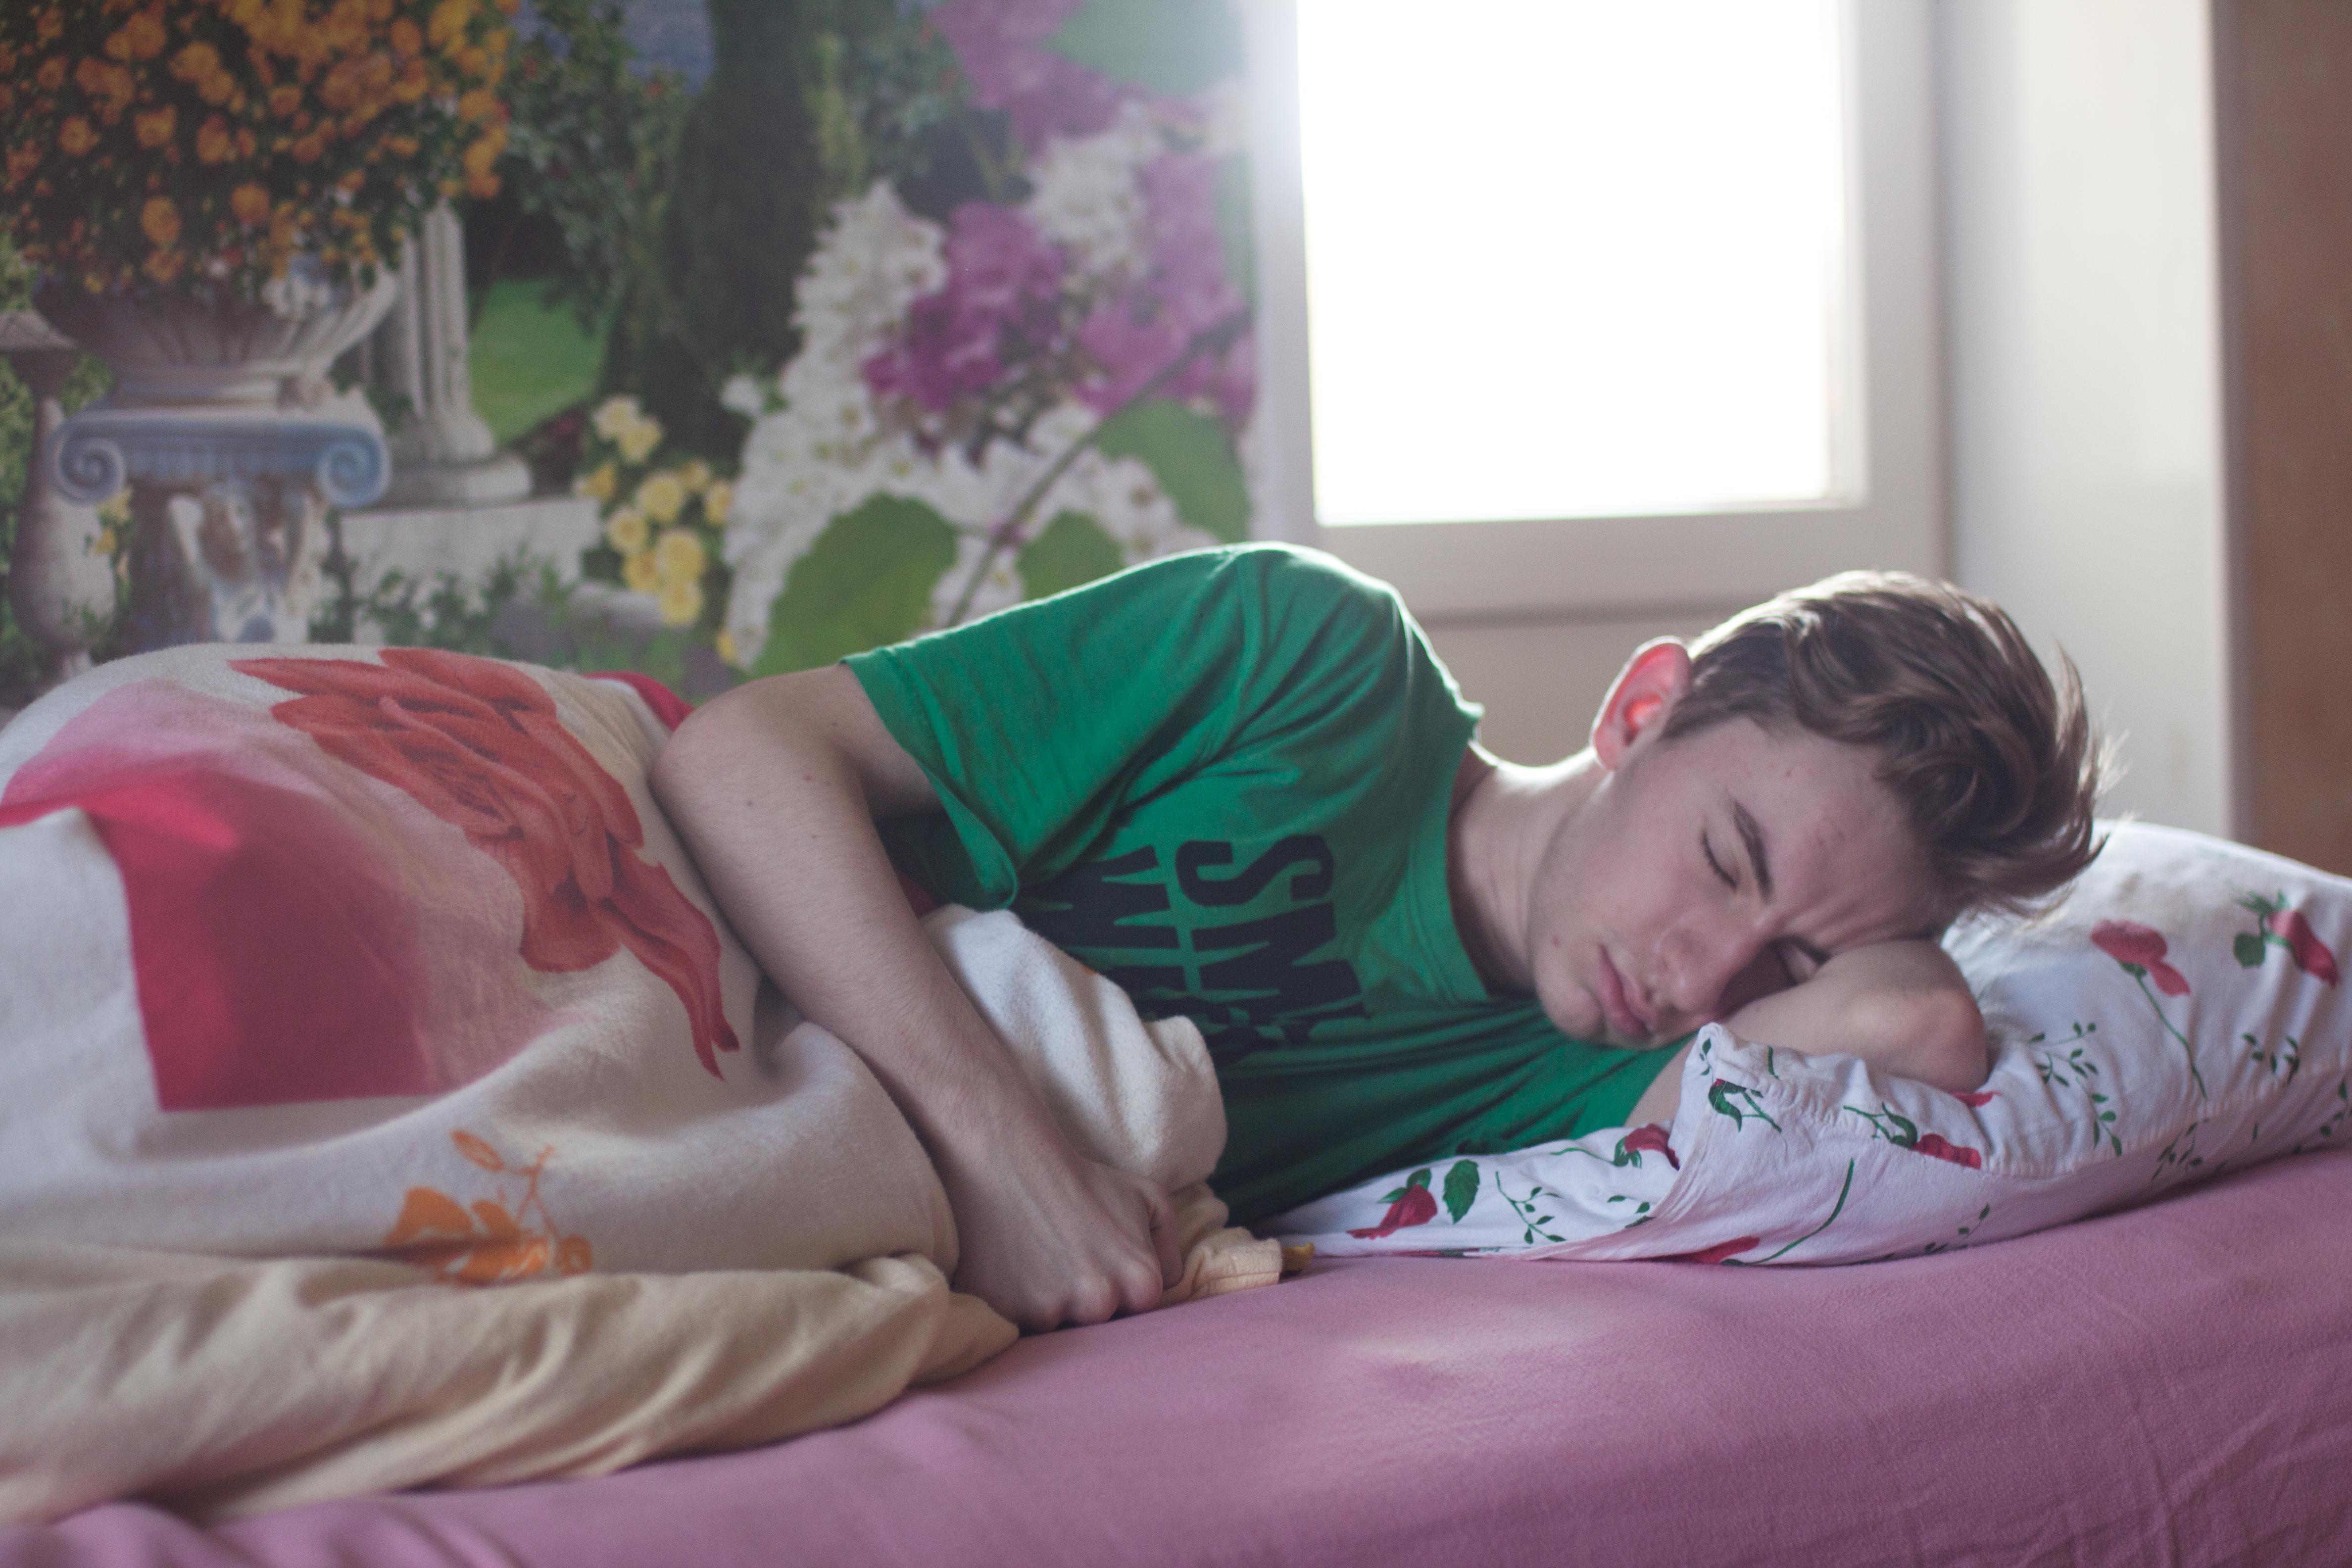 Boy lying sideways on a bed sleeping.